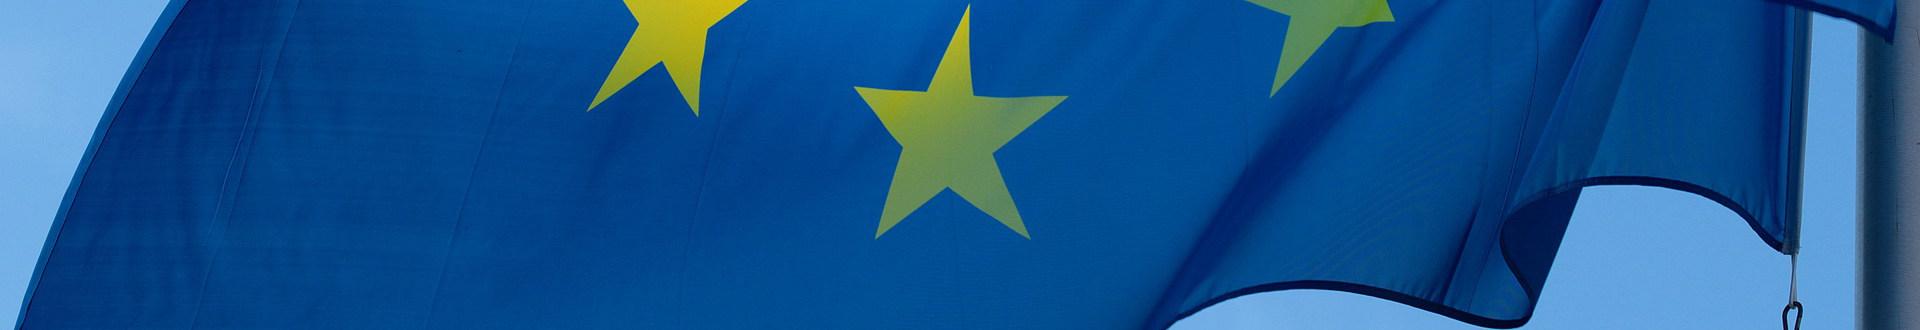 Europaweit Hartz 4 - Aufstockende Hartz-IV-Leistungen für EU-Bürger mit Halbtagsjob